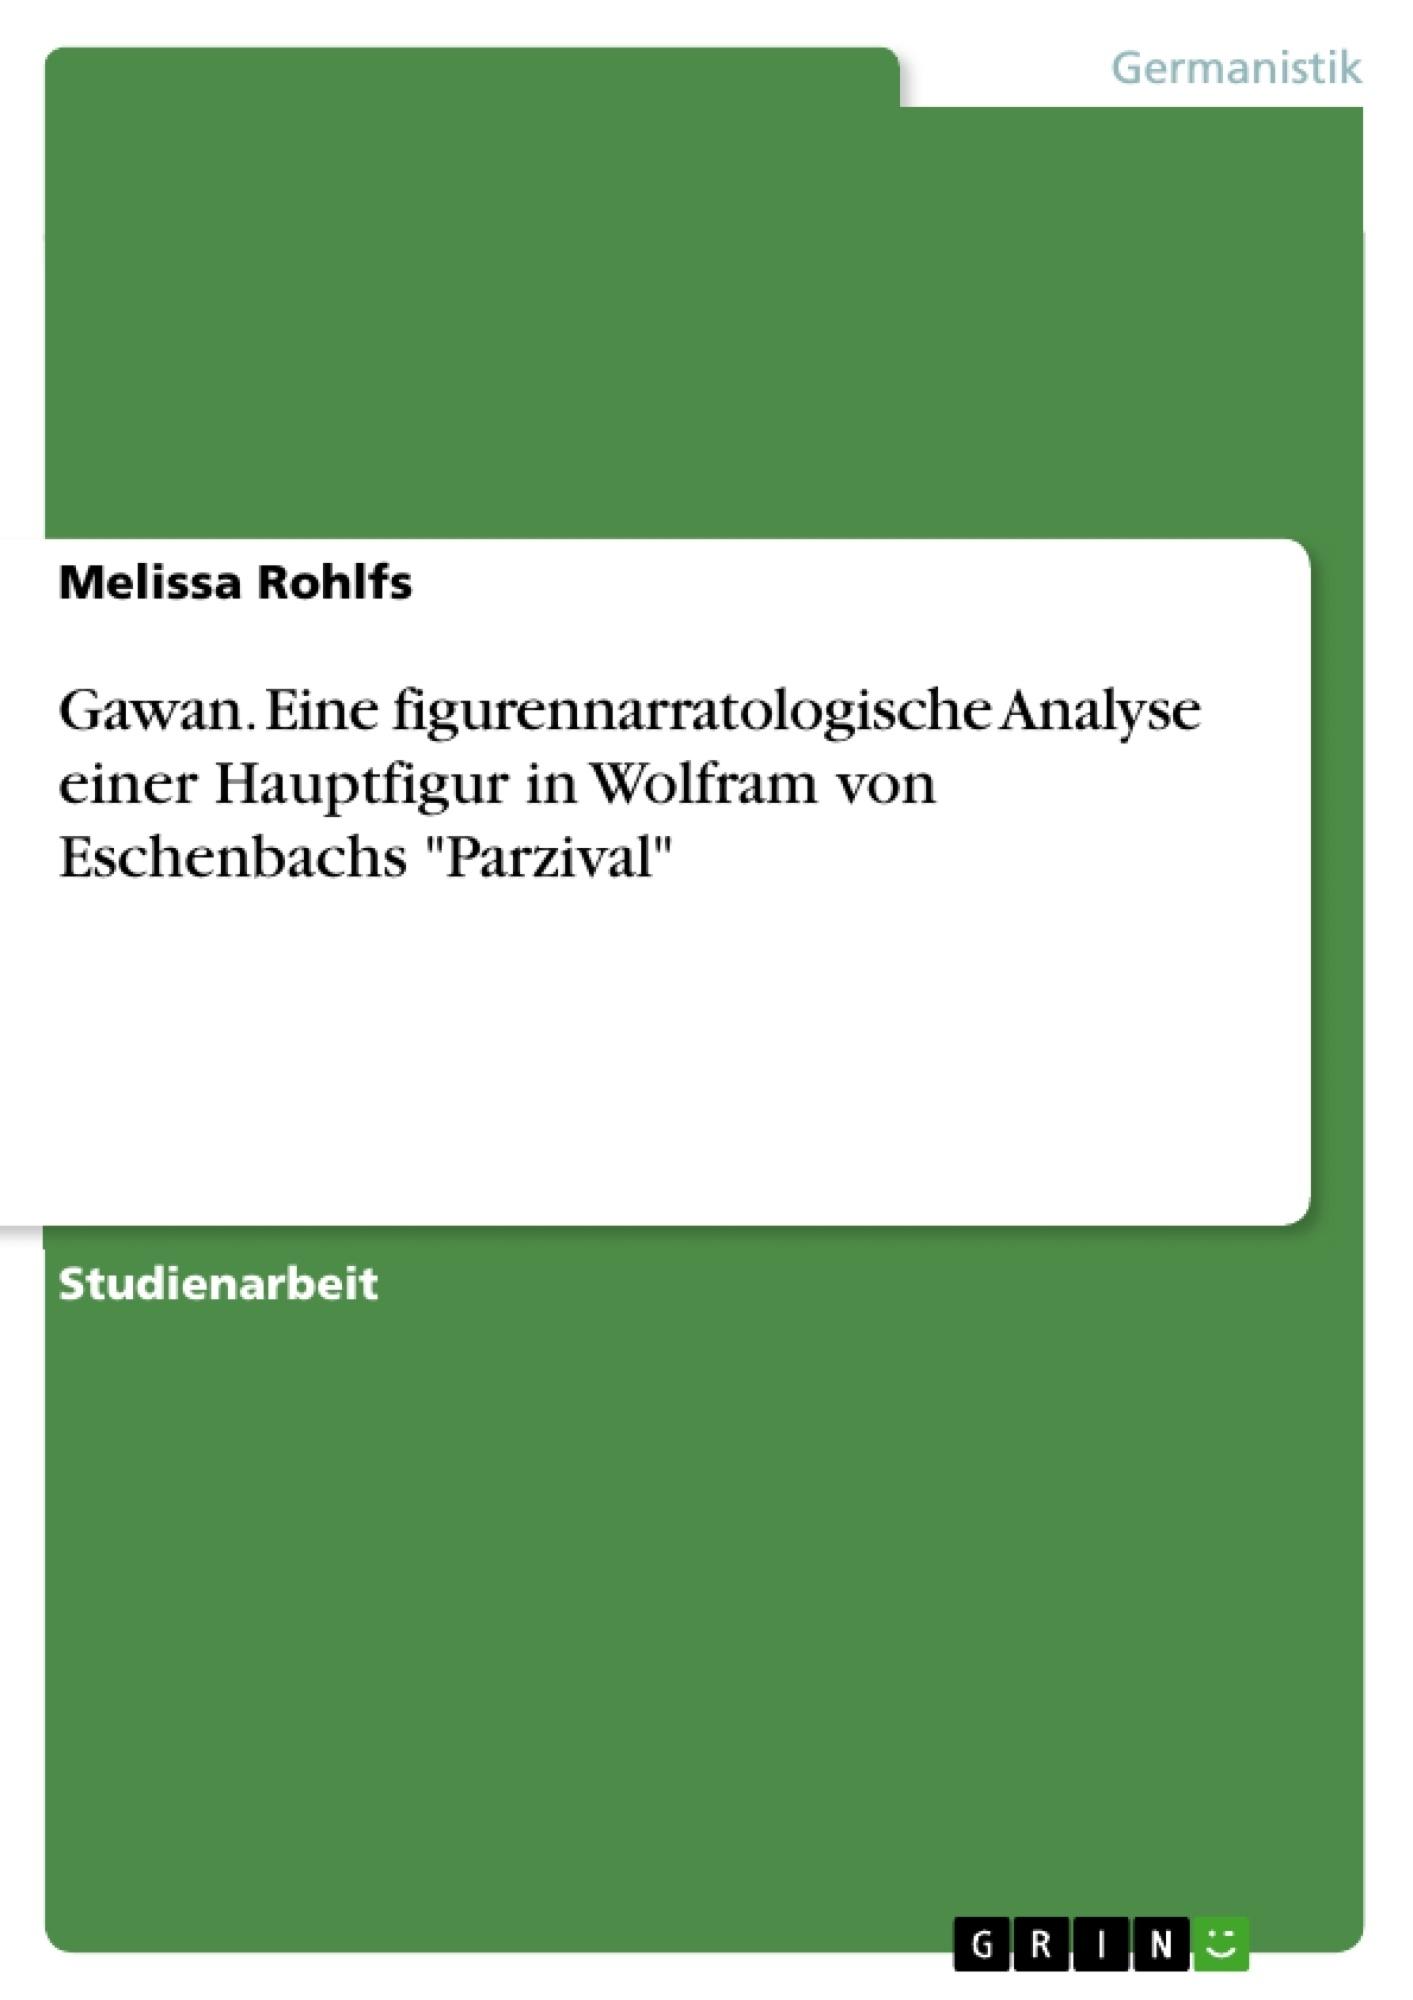 """Titel: Gawan. Eine figurennarratologische Analyse einer Hauptfigur in Wolfram von Eschenbachs """"Parzival"""""""